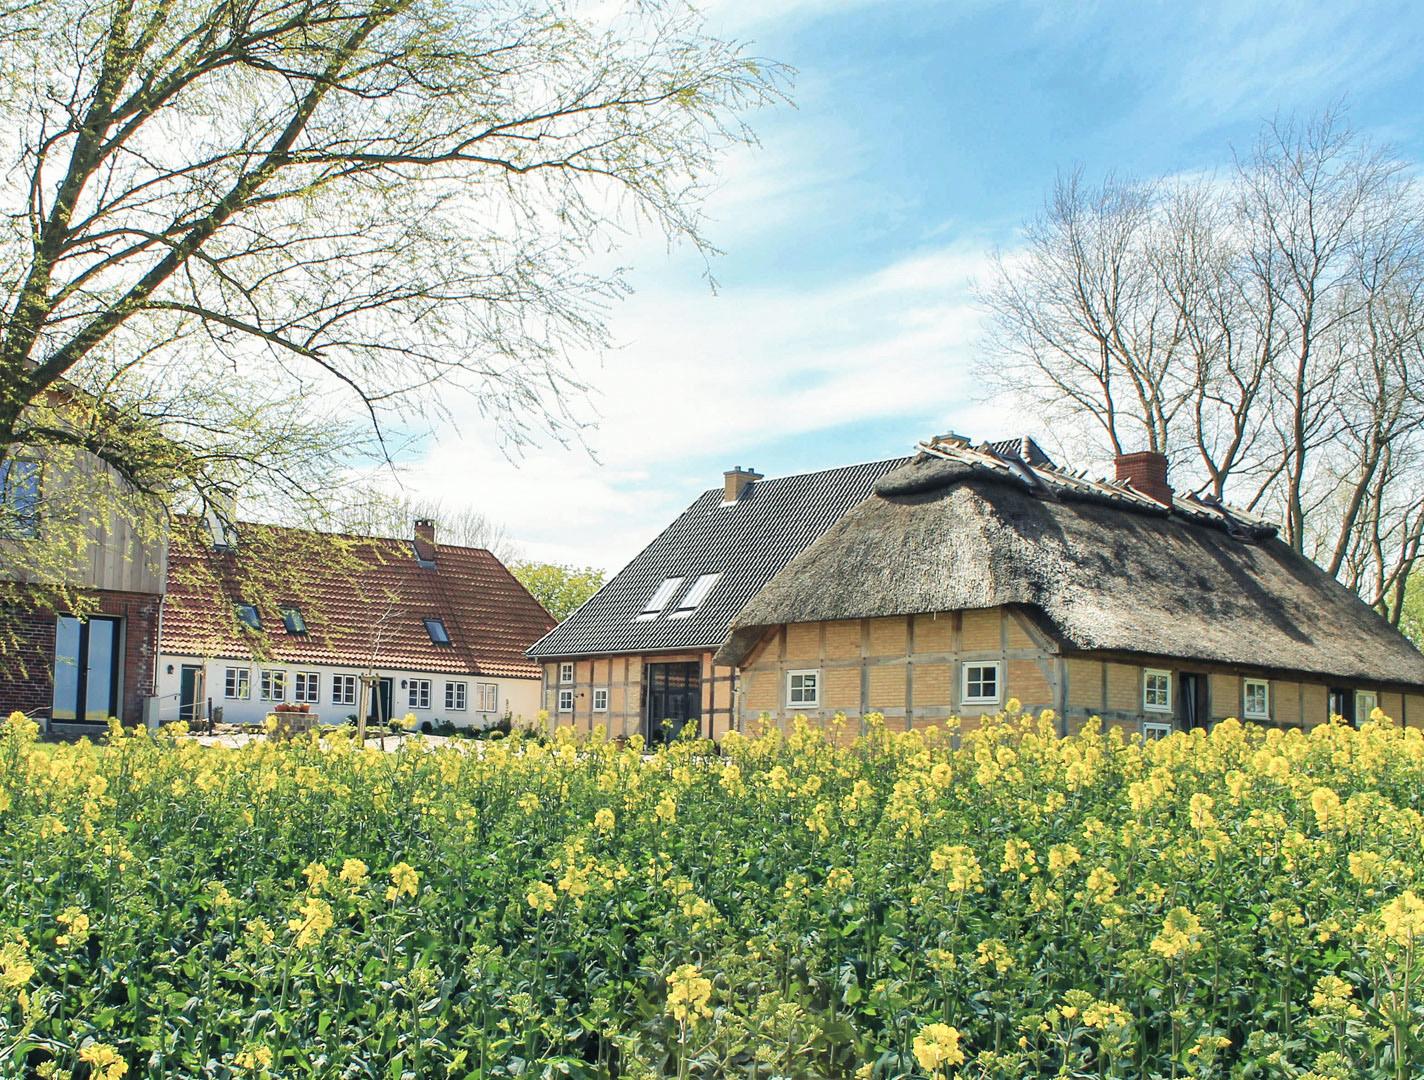 ostseehof_langfeld_ferienhaus_hofansicht_nord-ost@2